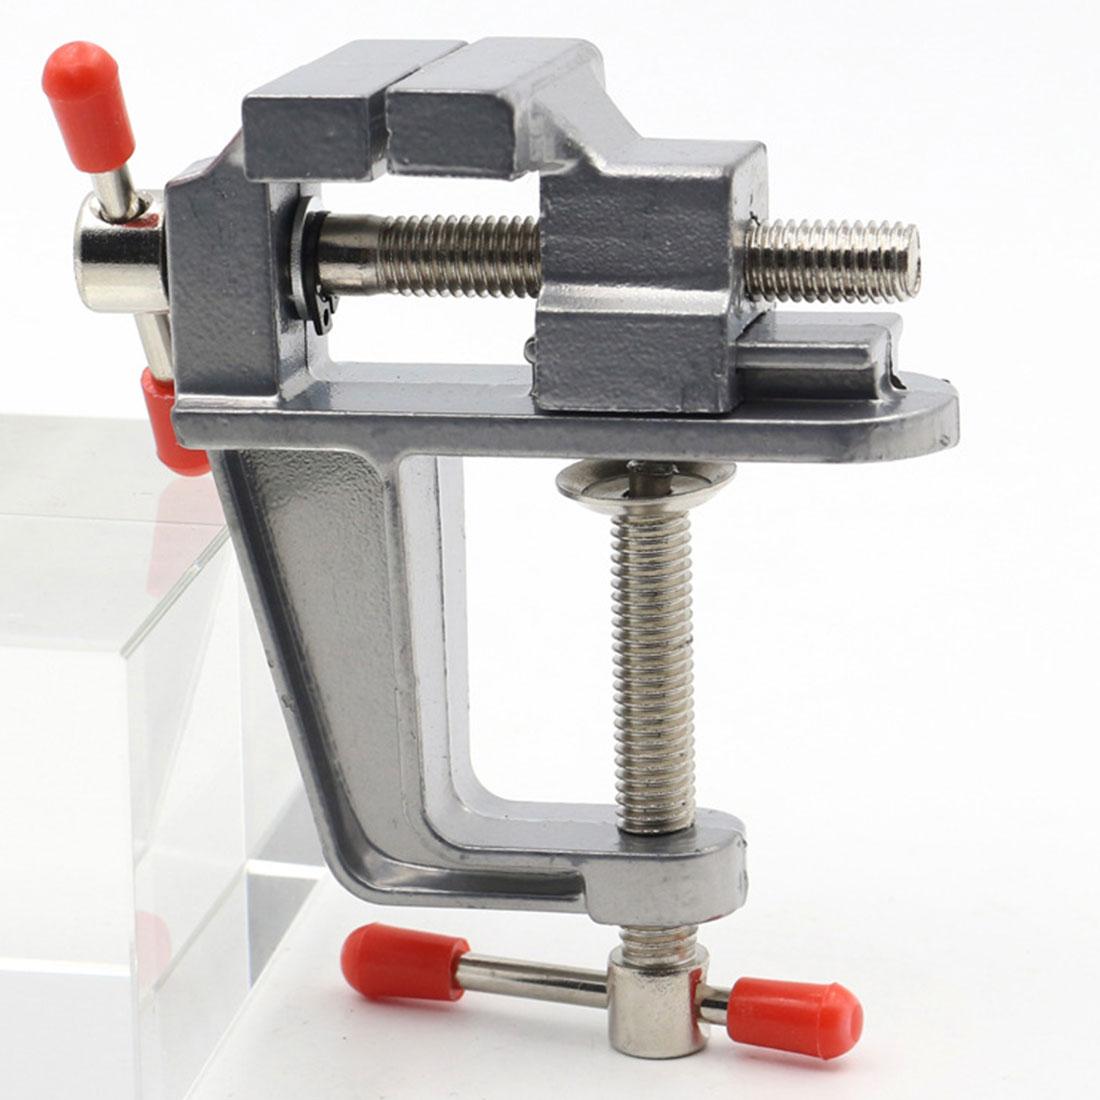 """Aletler'ten Mengene'de 3.5 """"alüminyum minyatür küçük kuyumcular hobi tabloda kelepçe tezgah mengenesi Mini aracı yardımcısı çok fonksiyonlu title="""